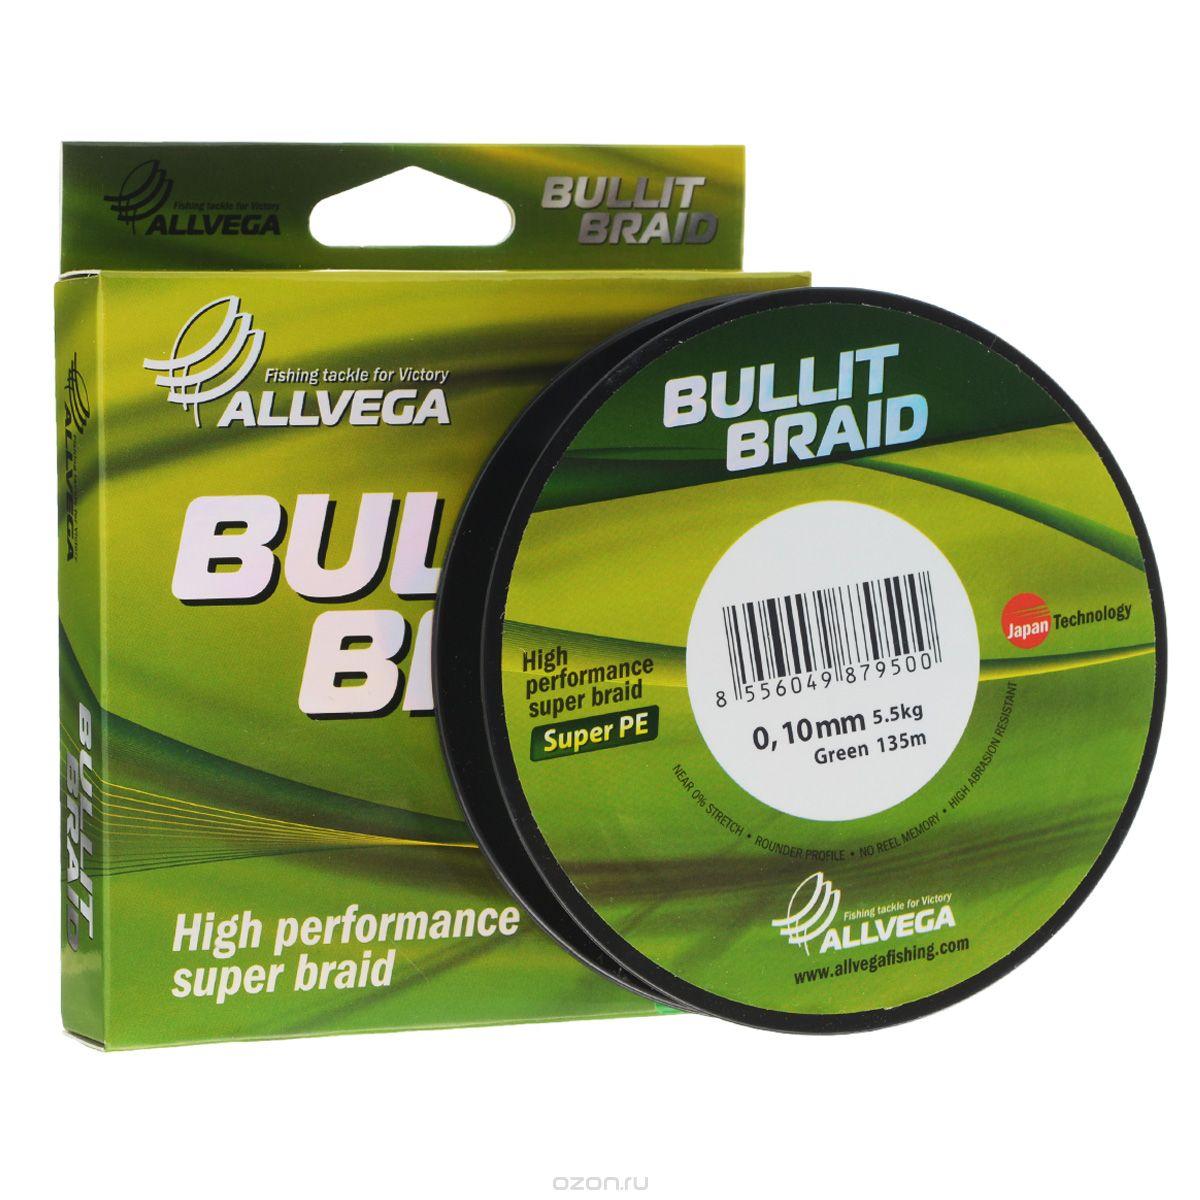 Леска плетеная Allvega Bullit Braid 270м тёмно-зелёный 0.24мм (16,5кг) (89102)Плетеные шнуры<br>Леска Allvega Bullit Braid с гладкой поверхностью и одинаковым сечением по всей длине обладает высокой износостойкостью. Благодаря микроволокнам полиэтилена (Super PE) леска имеет очень плотное плетение и не впитывает воду. Леску Allvega Bullit Braid ...<br>